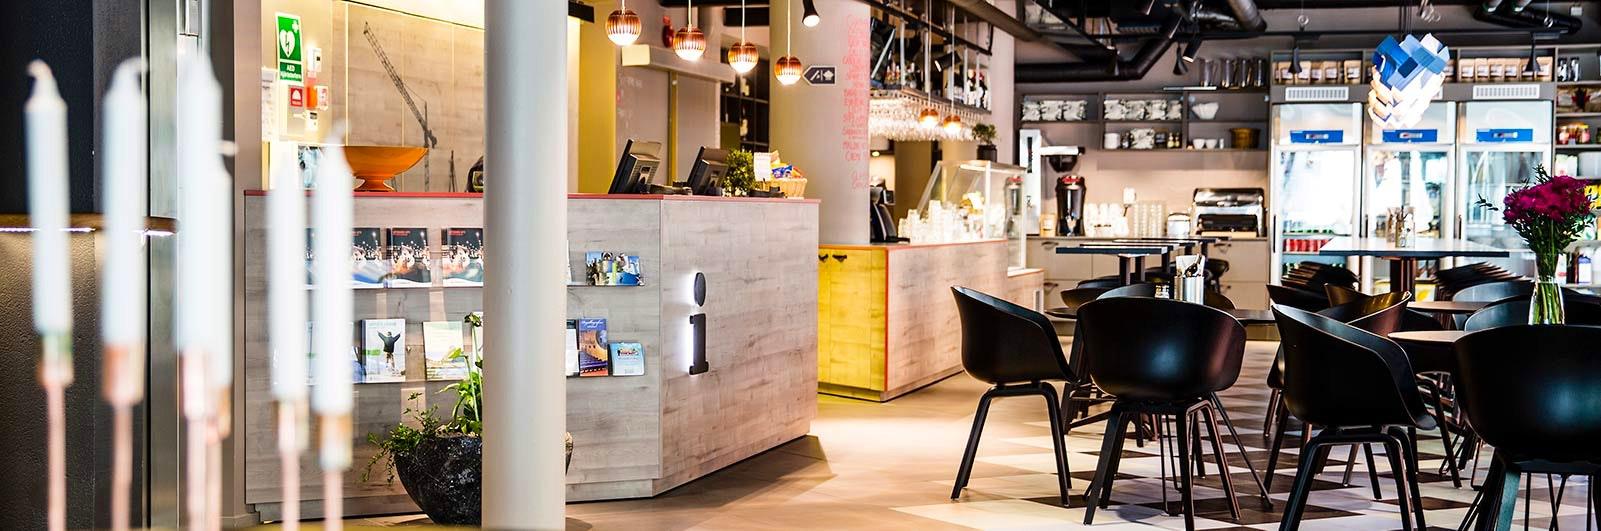 Reception på tillgänglighetsanpassade STF Göteborg City